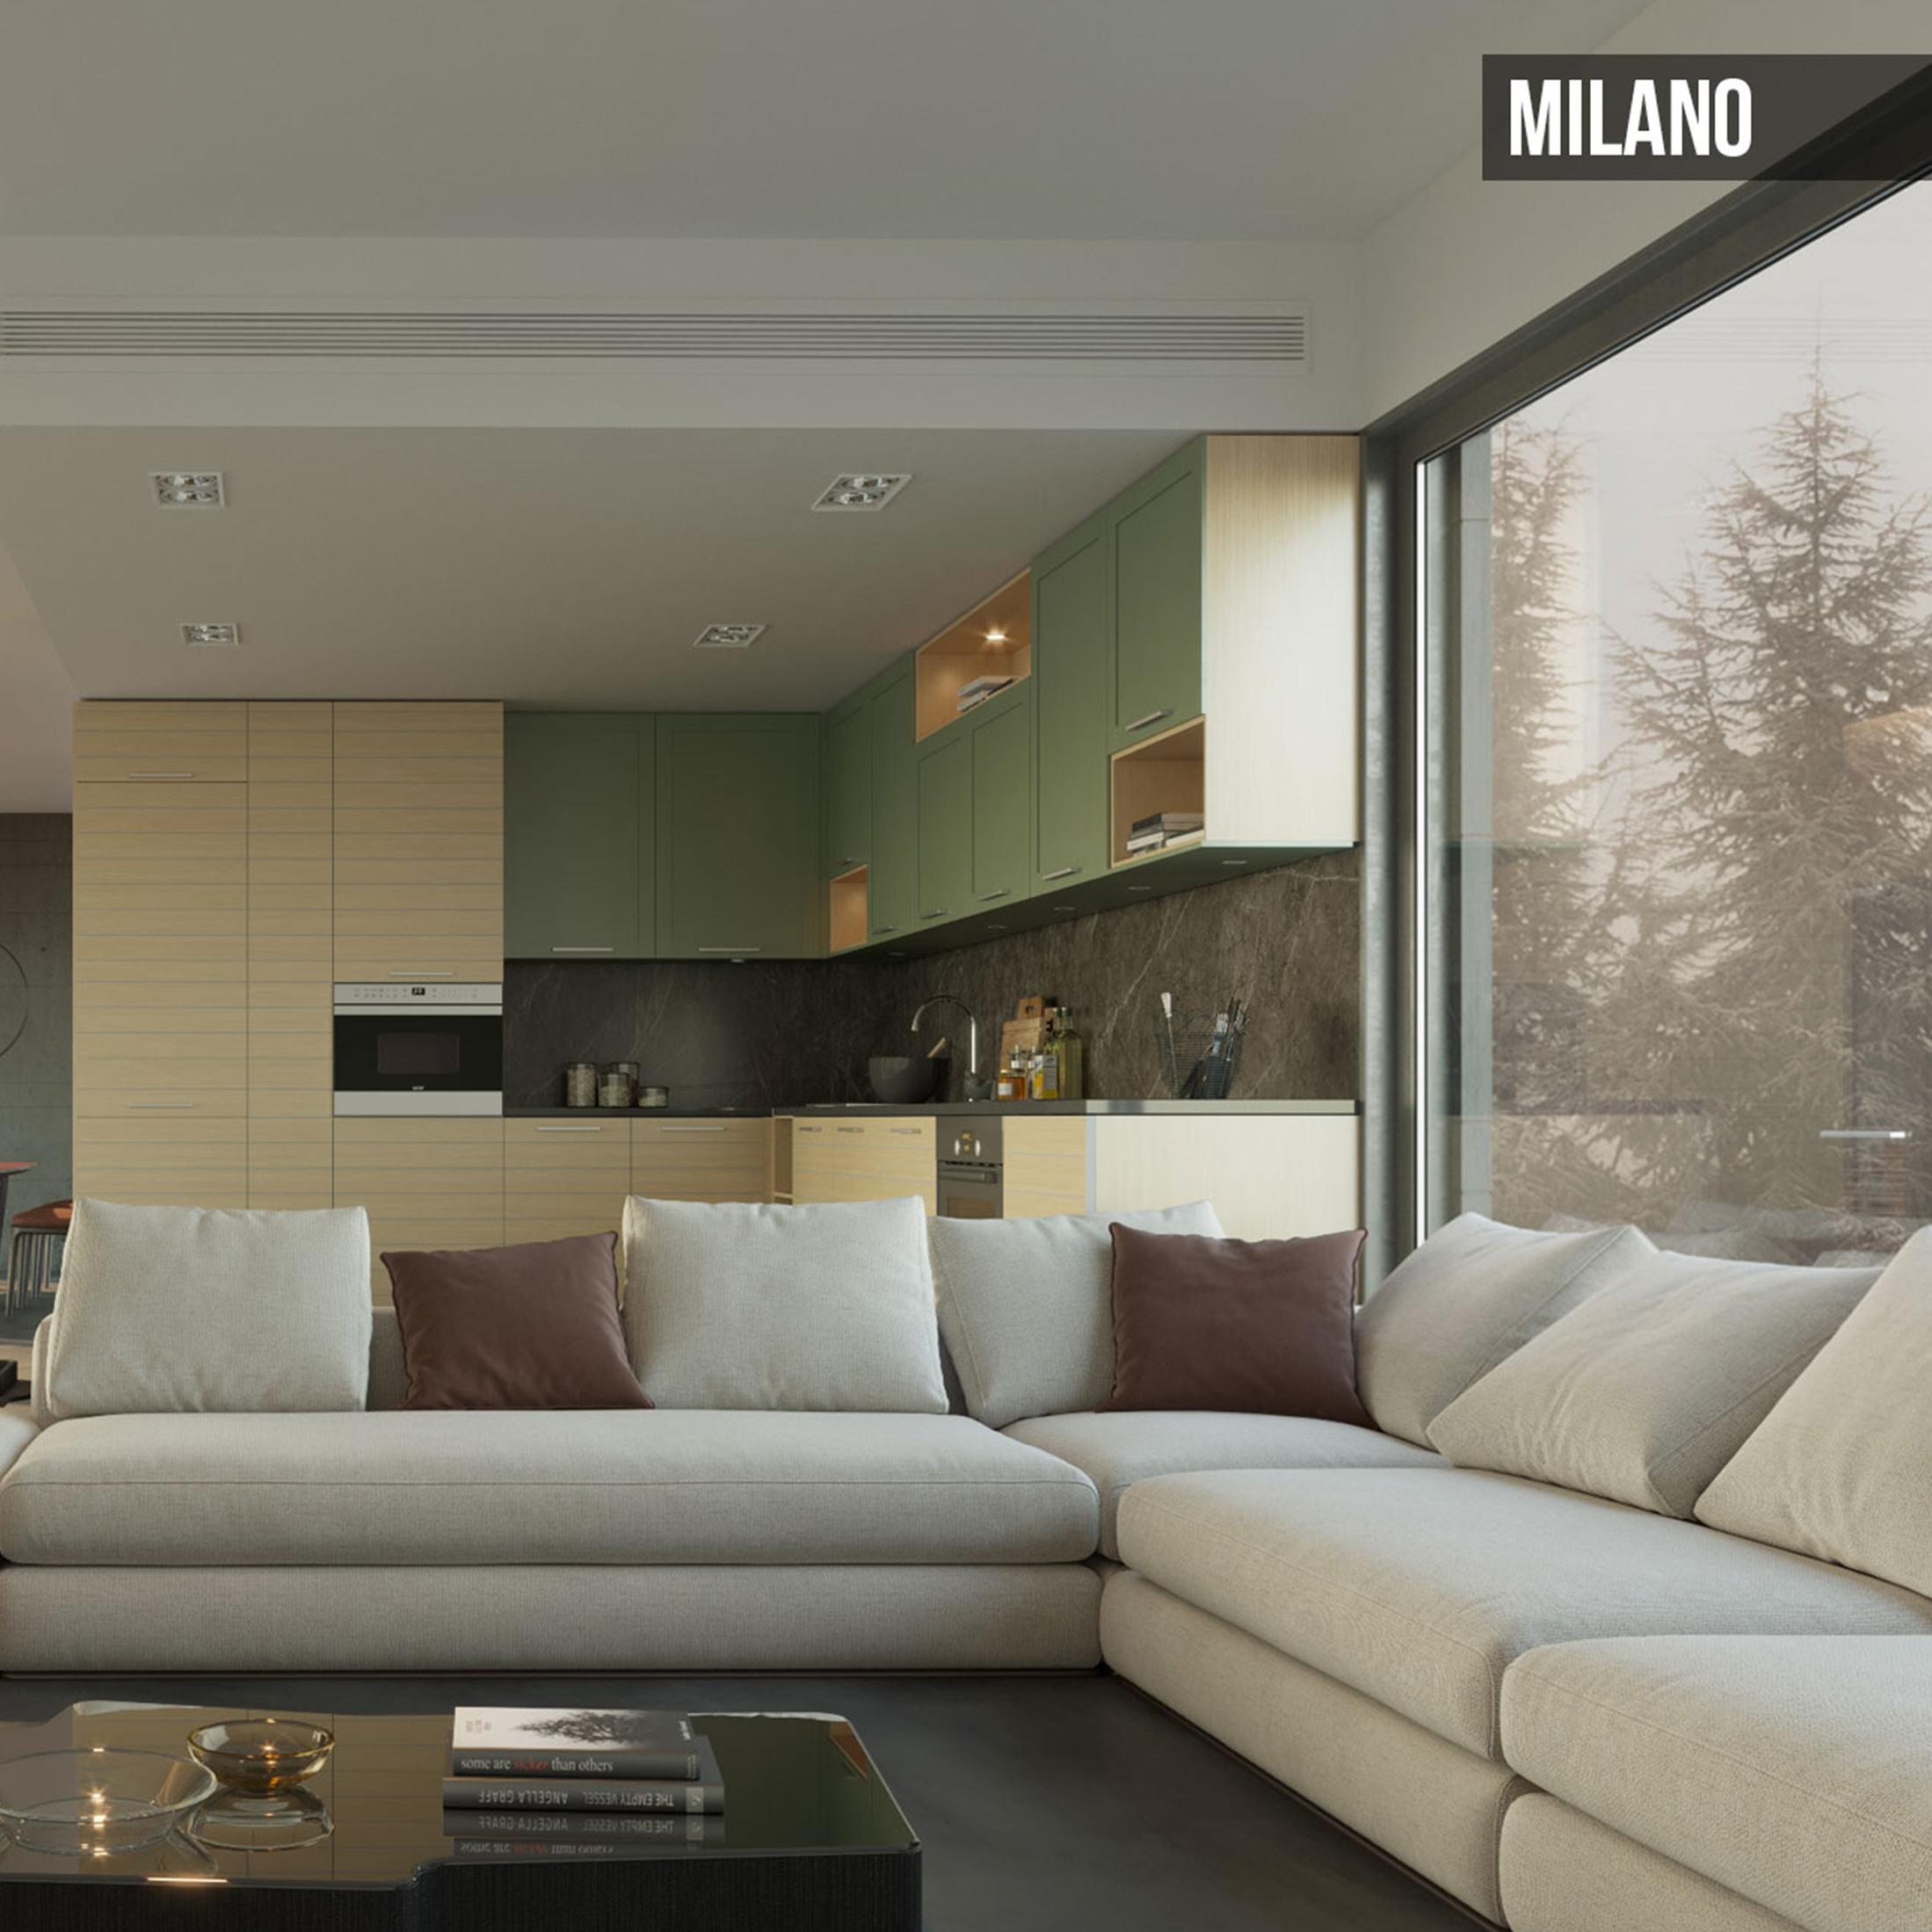 Kafco Aluminum Kitchen - Milano